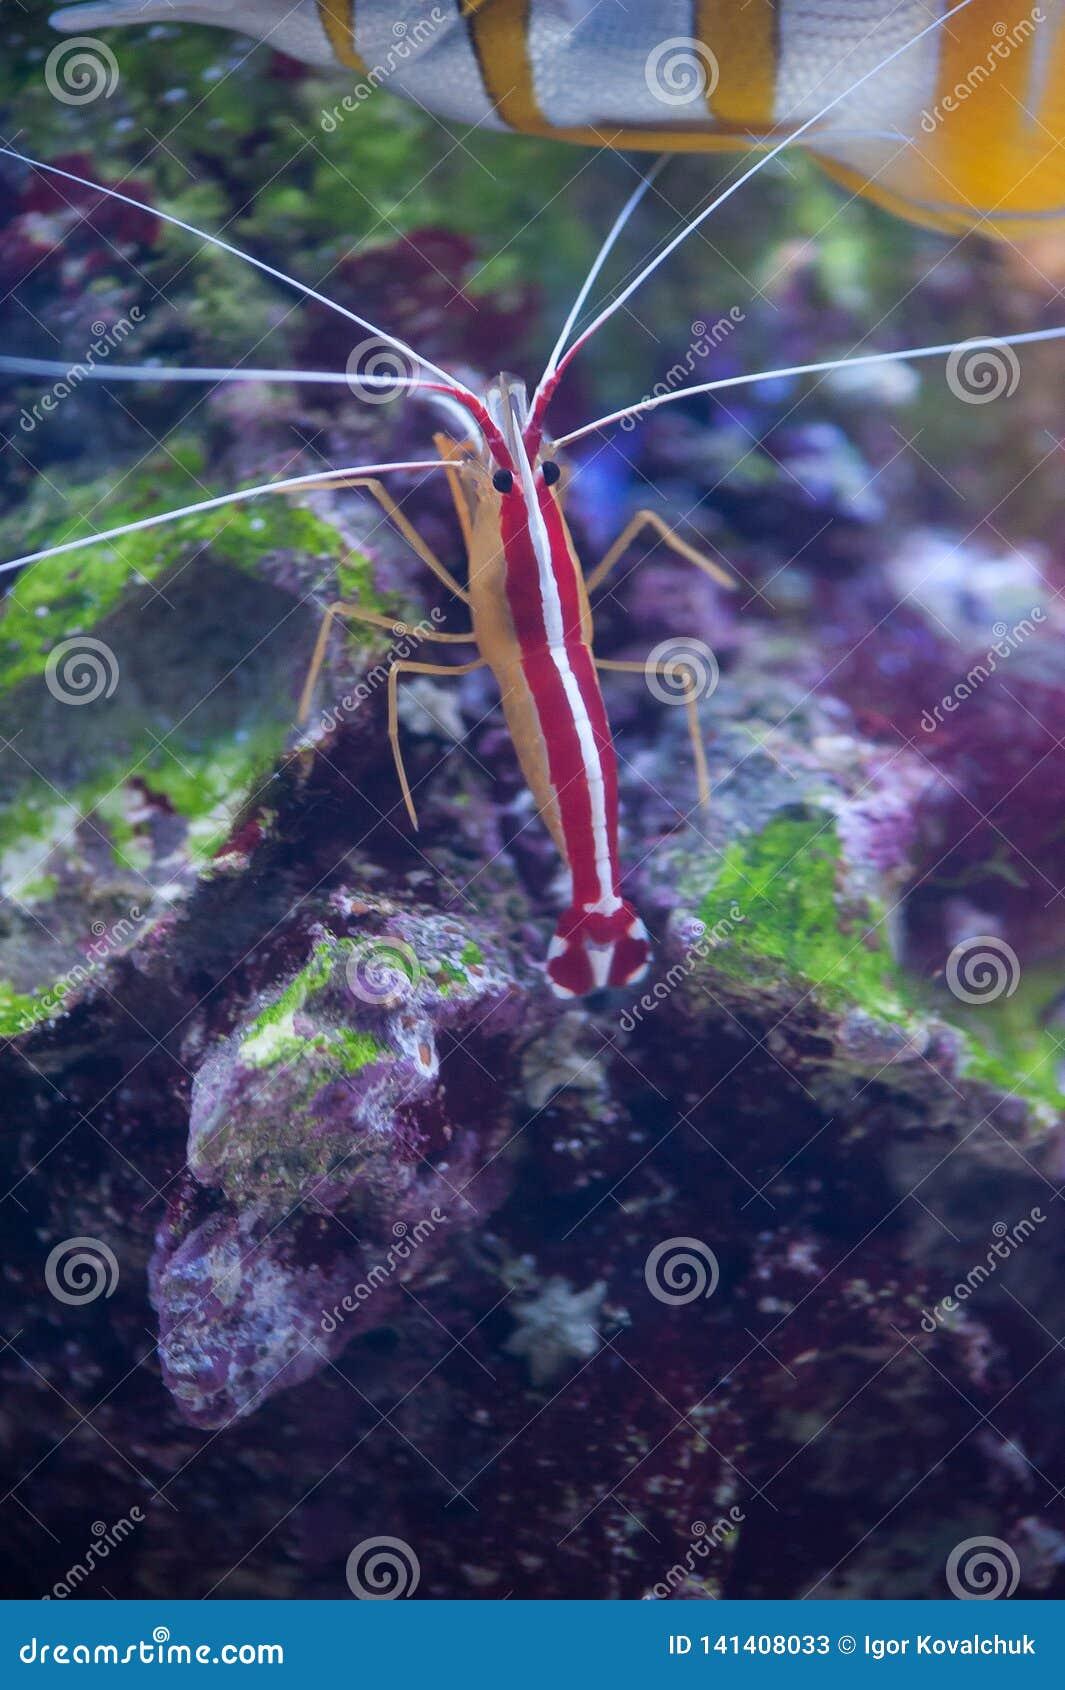 Scarlet Skunk Cleaner Shrimp in marine aquarium